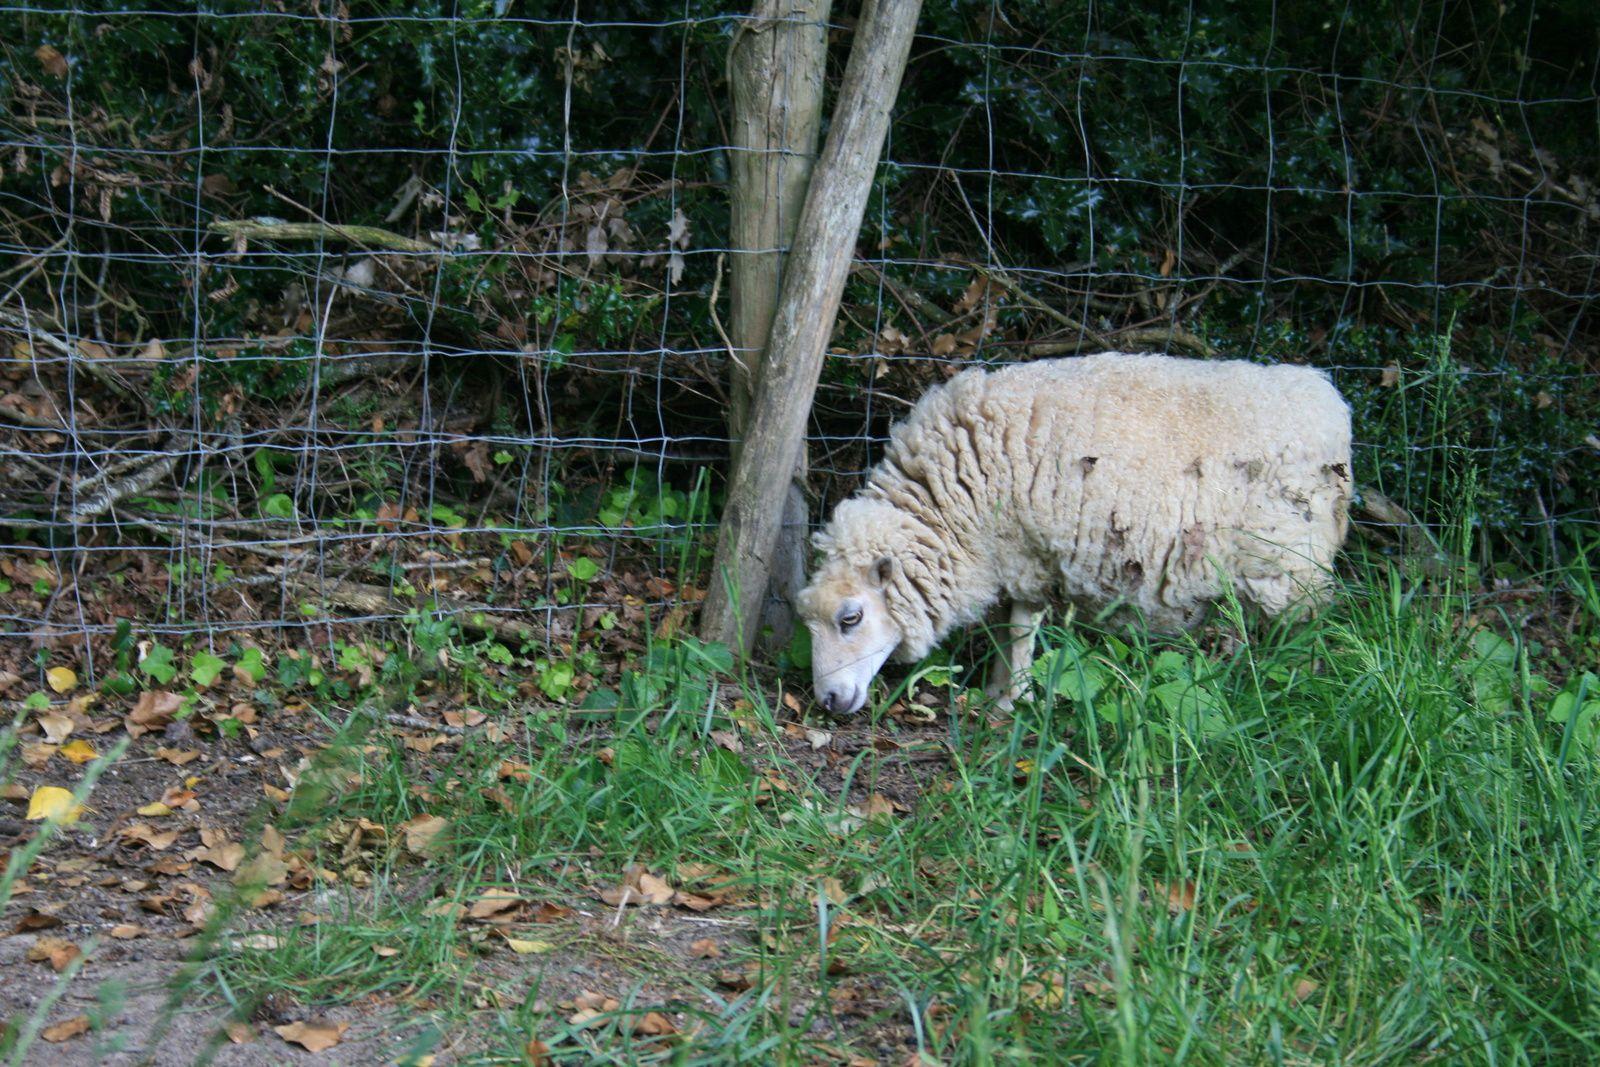 Alerte naissance en fin d'après-midi en apercevant une brebis contrariée.